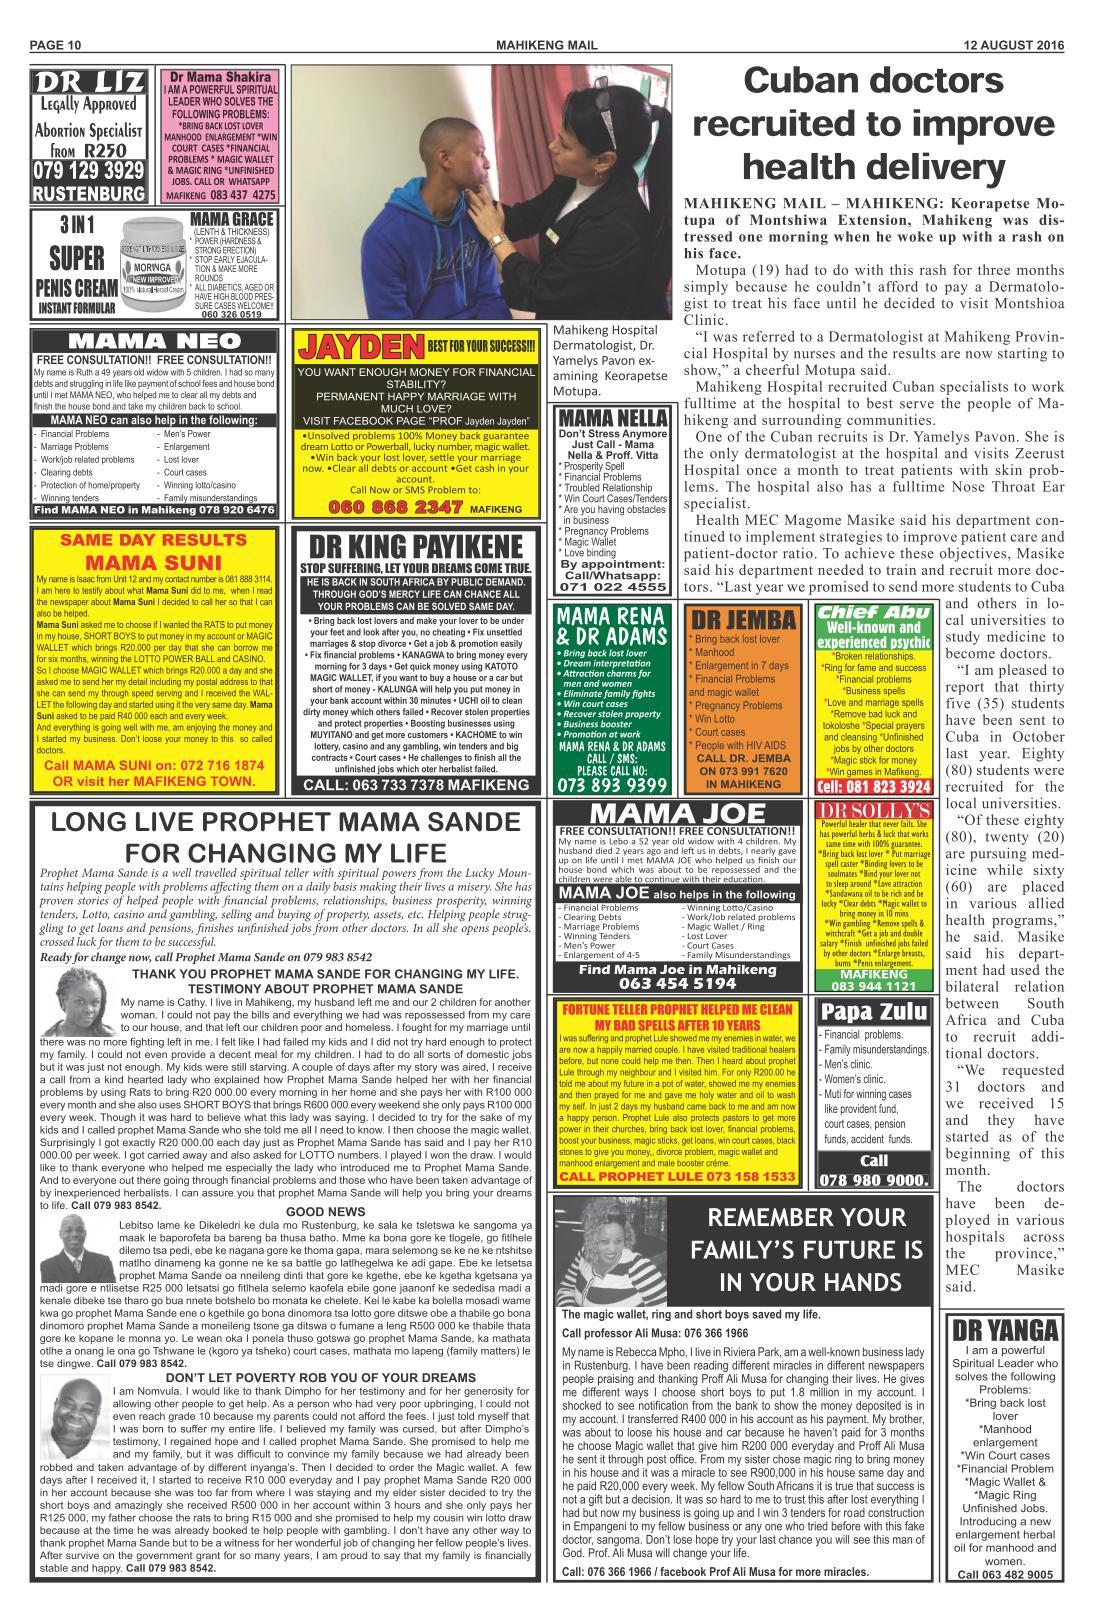 www.salocalnewspapers.co.za - /newspapers/mafikengmail ...